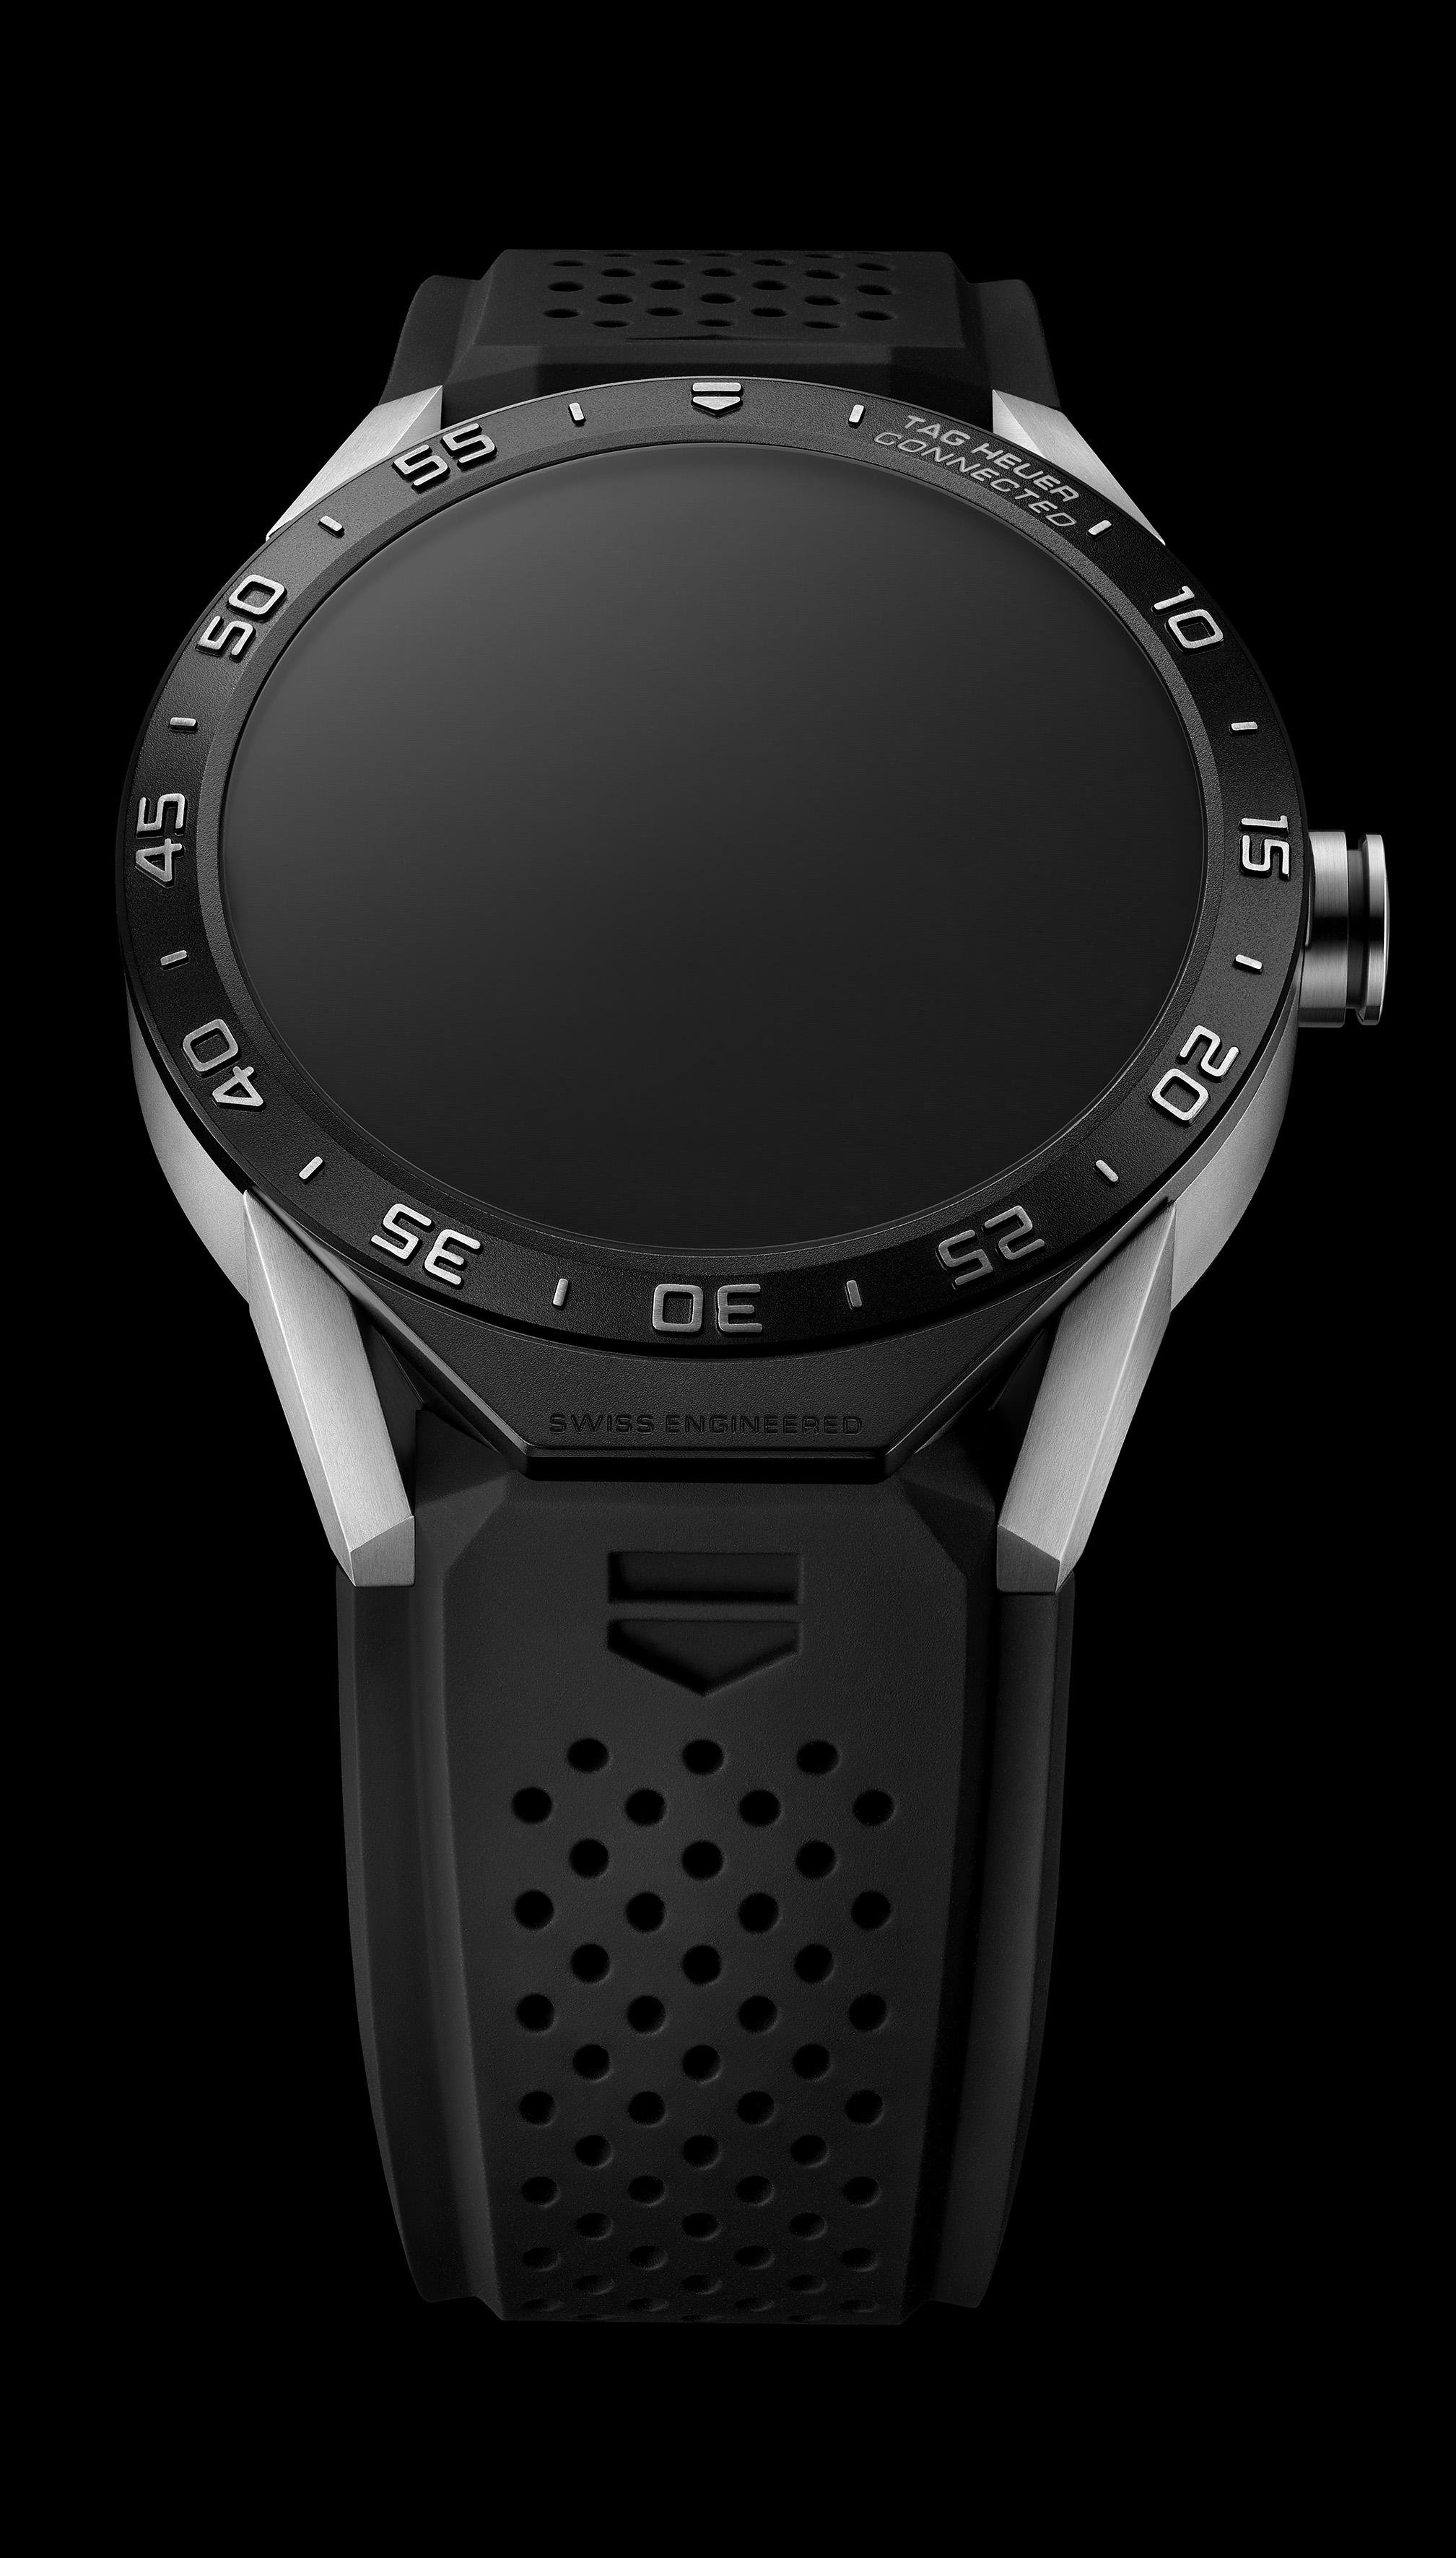 Tag Heuer i Google predstavile su povezani sat povezani sat kojeg je dizajnirao luksuzni švajcarski proizvođač, opremljen je Intel tehnologijom i deo Android Wear ponude